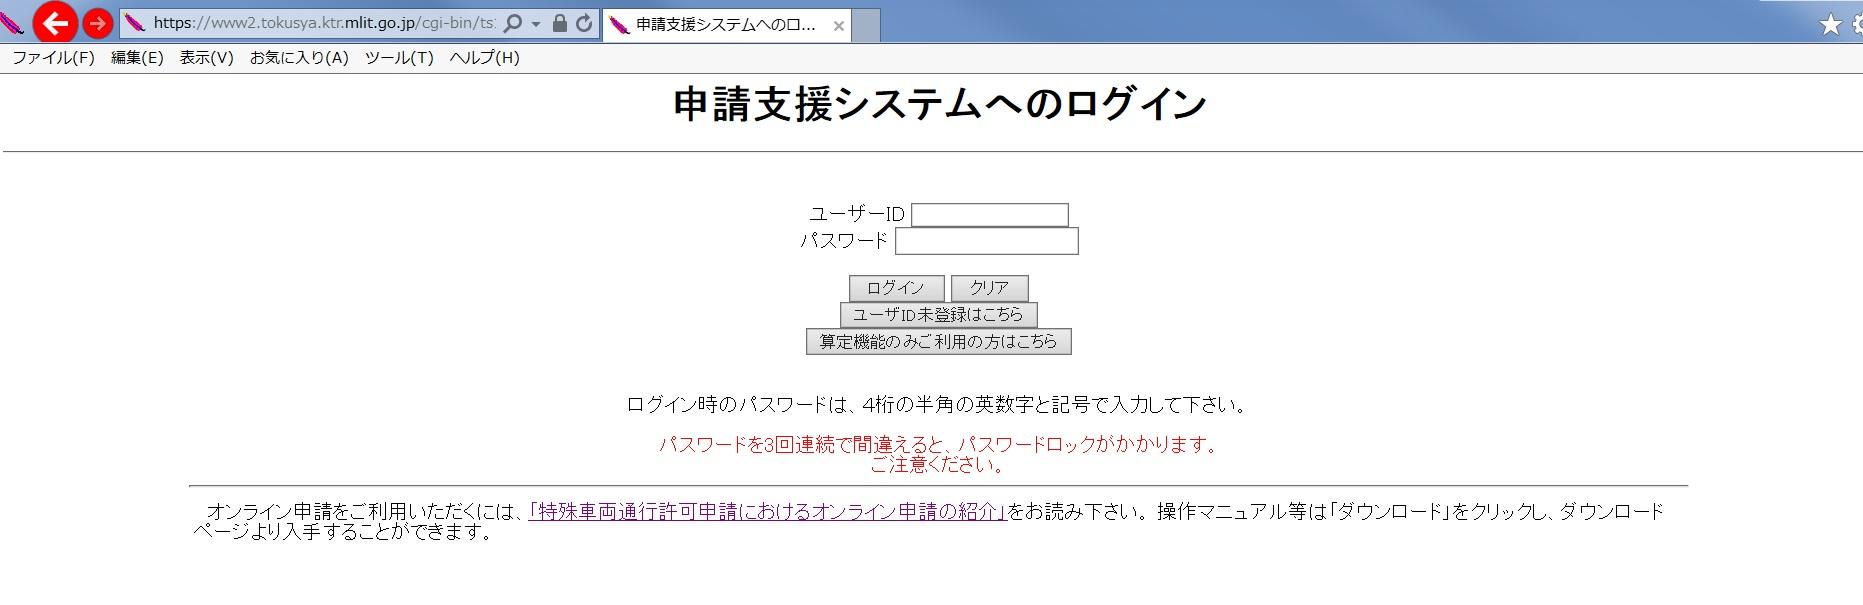 申請支援システムへのログイン